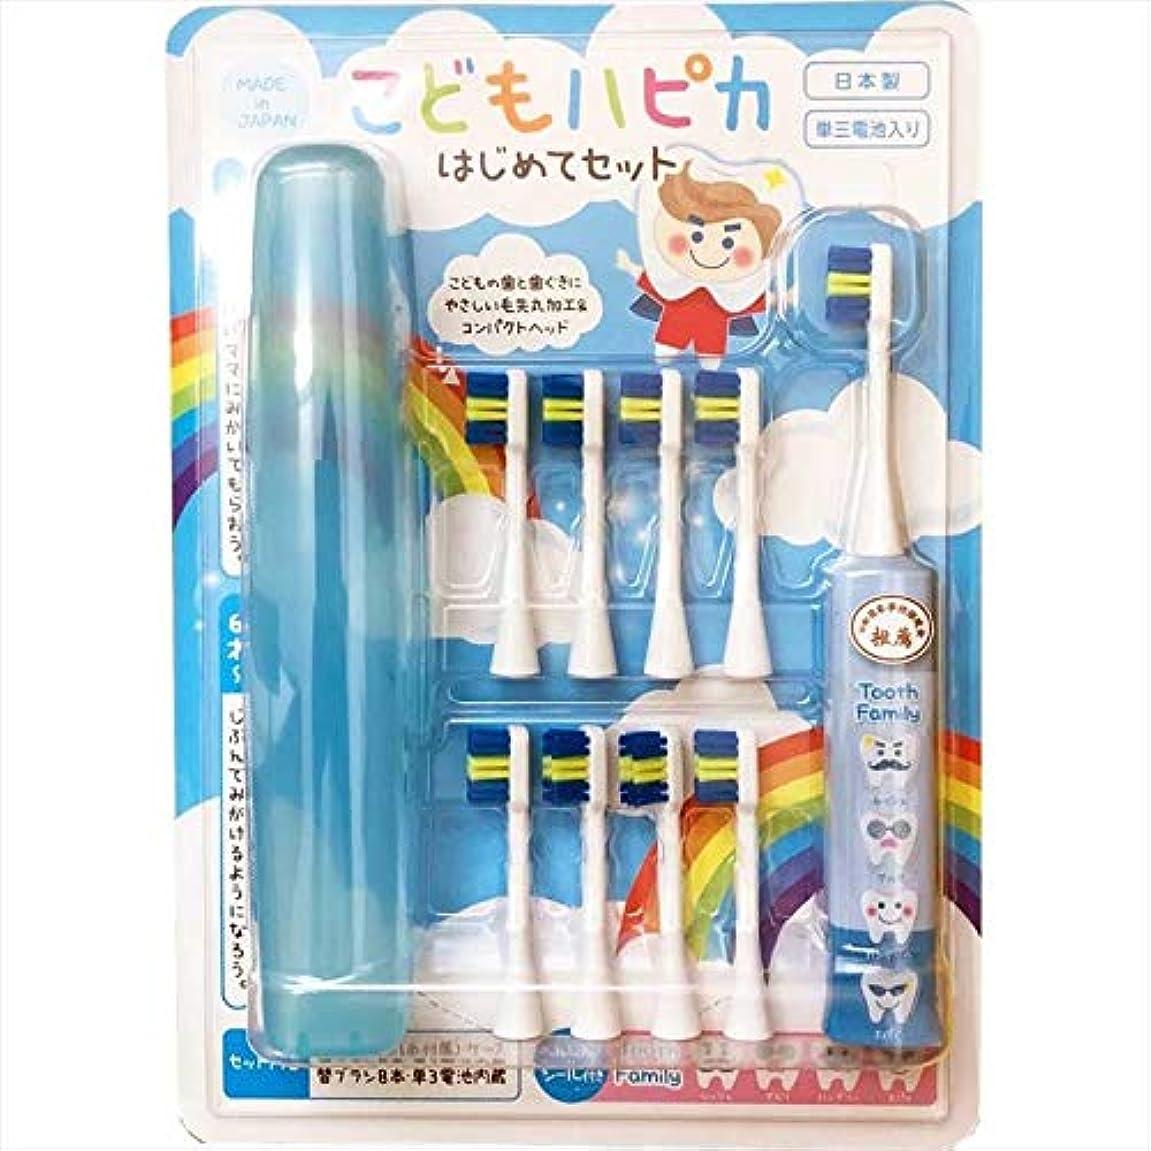 中性飲食店クラックポットこどもハピカセット ブルー 子供用電動歯ブラシ